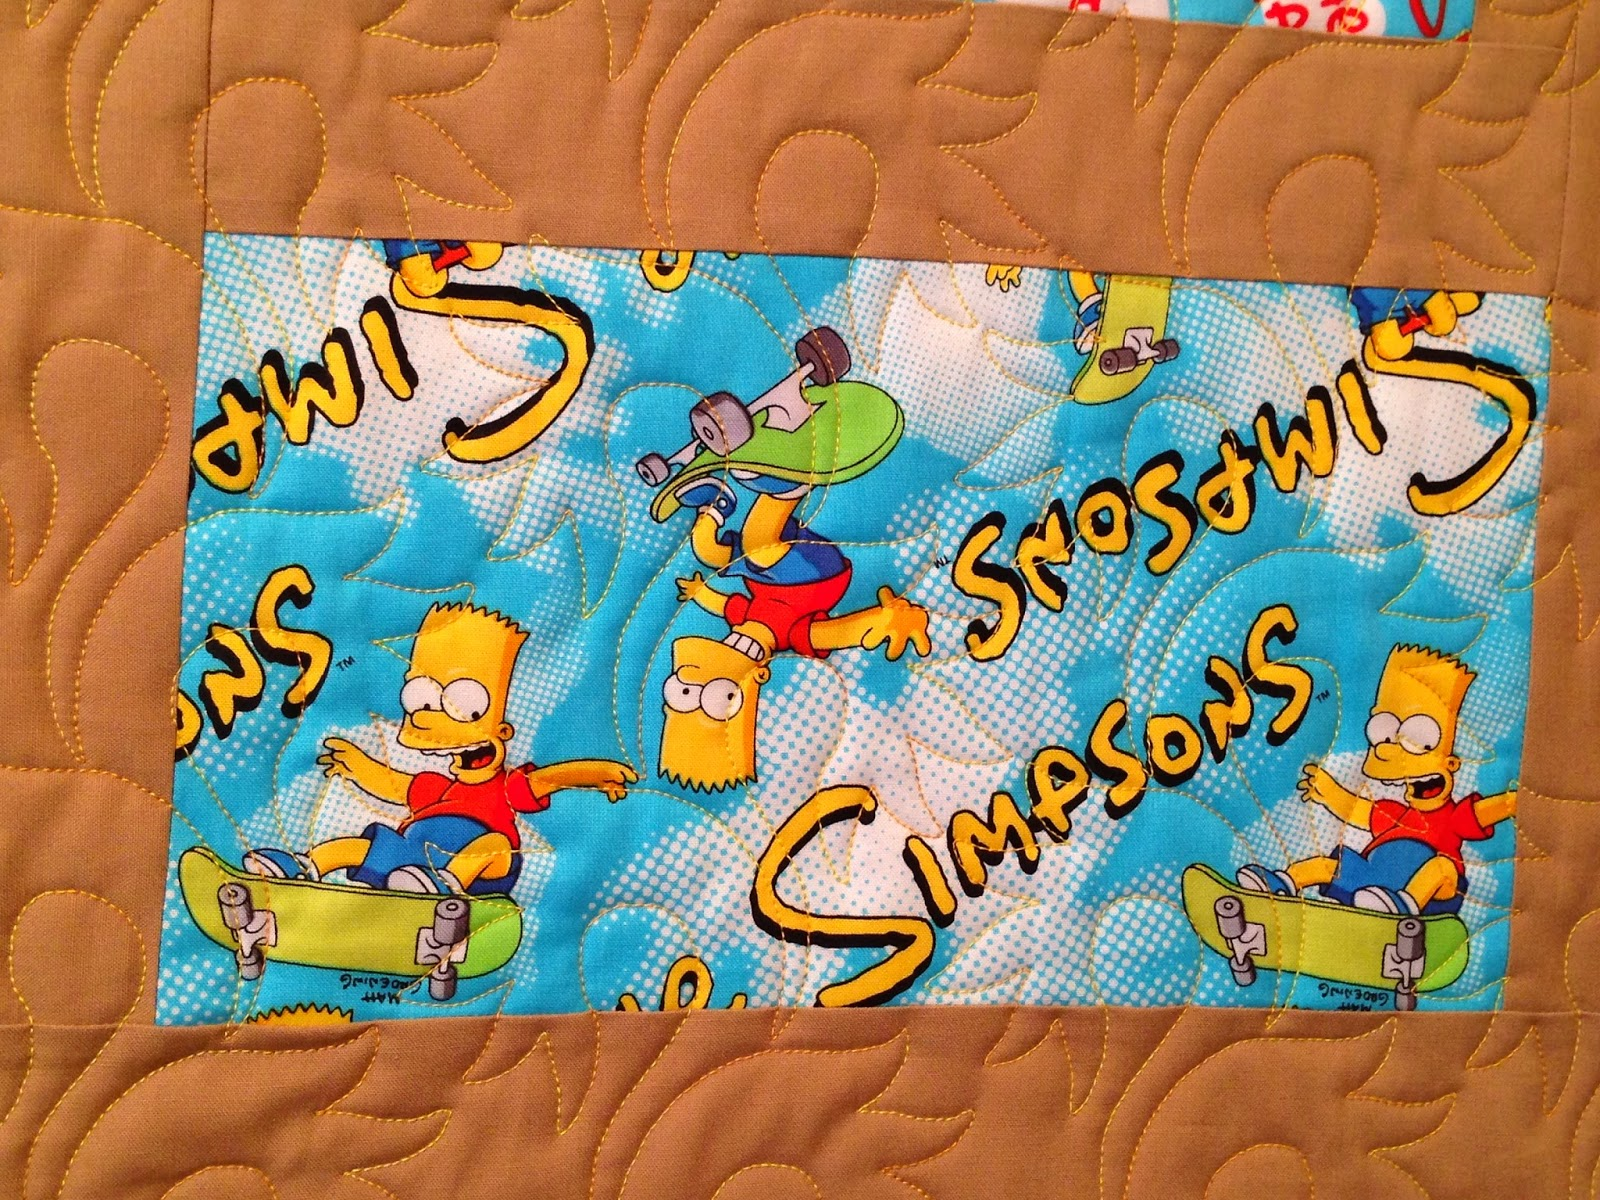 Cheryl Cohorn's Simpsons Quilt